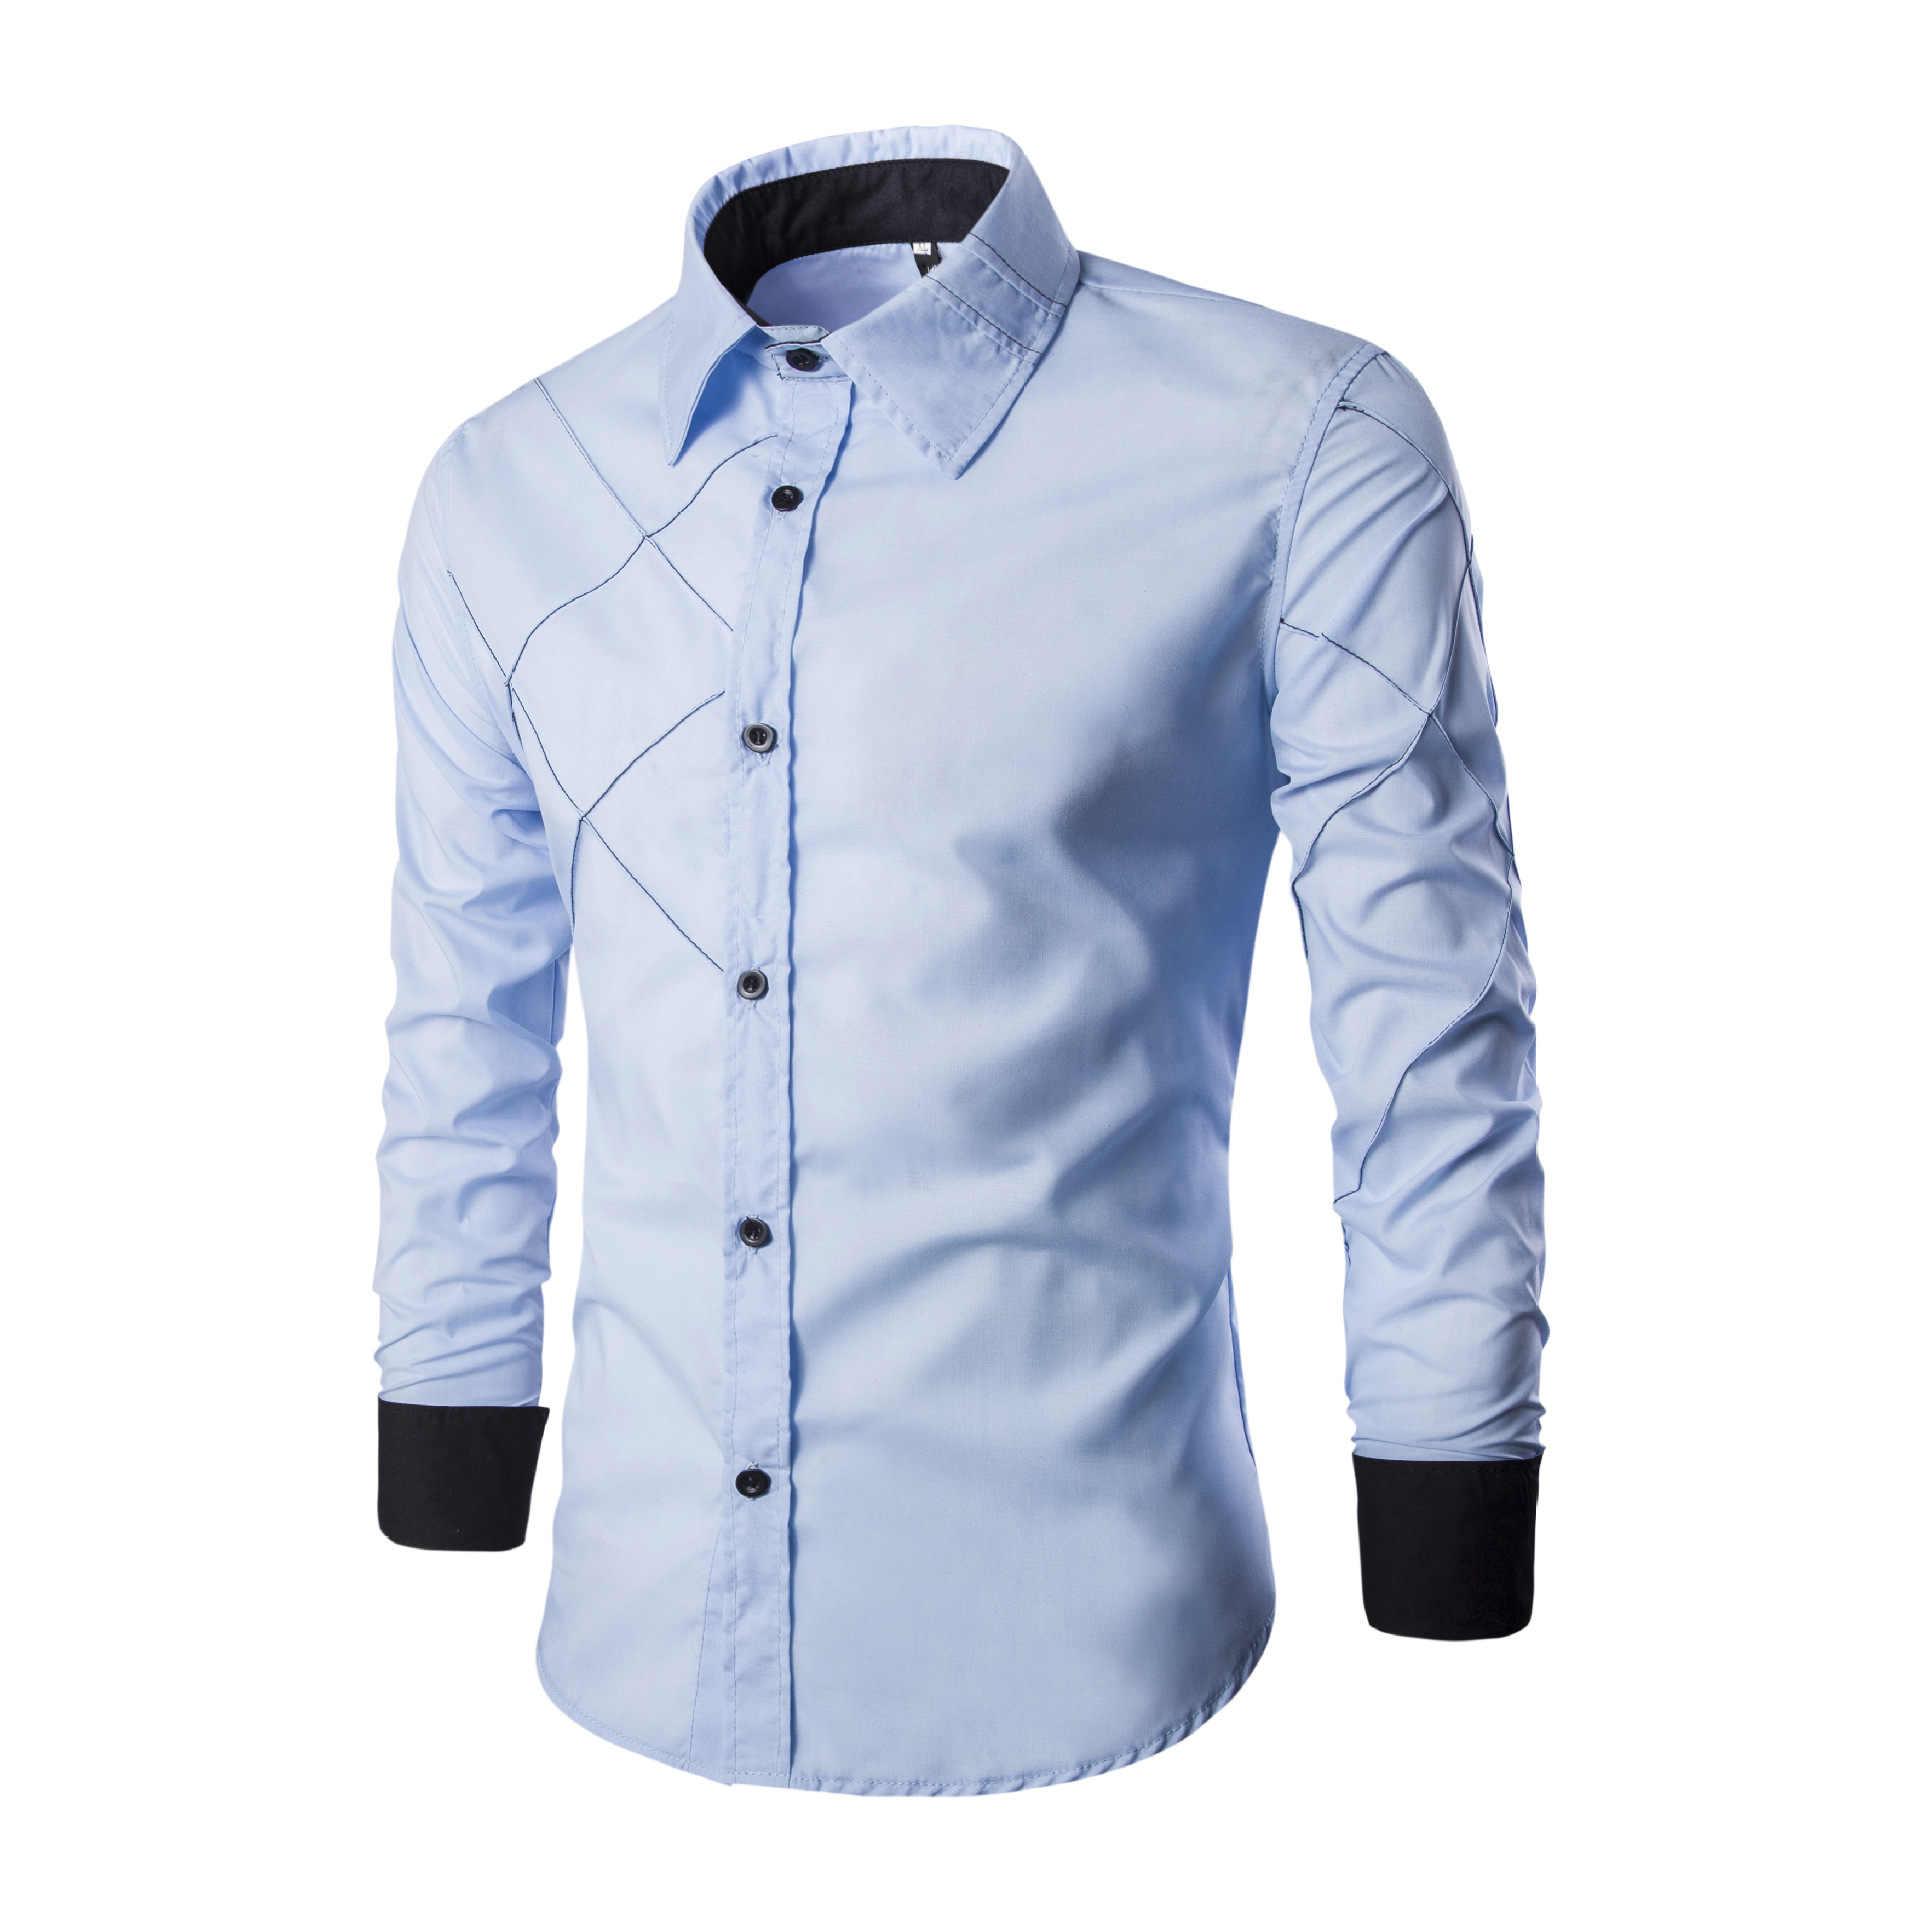 7af4dcf0084 Мужская рубашка 2019 весна новый бренд бизнес Мужская Slim Fit платье рубашка  мужская с длинным рукавом